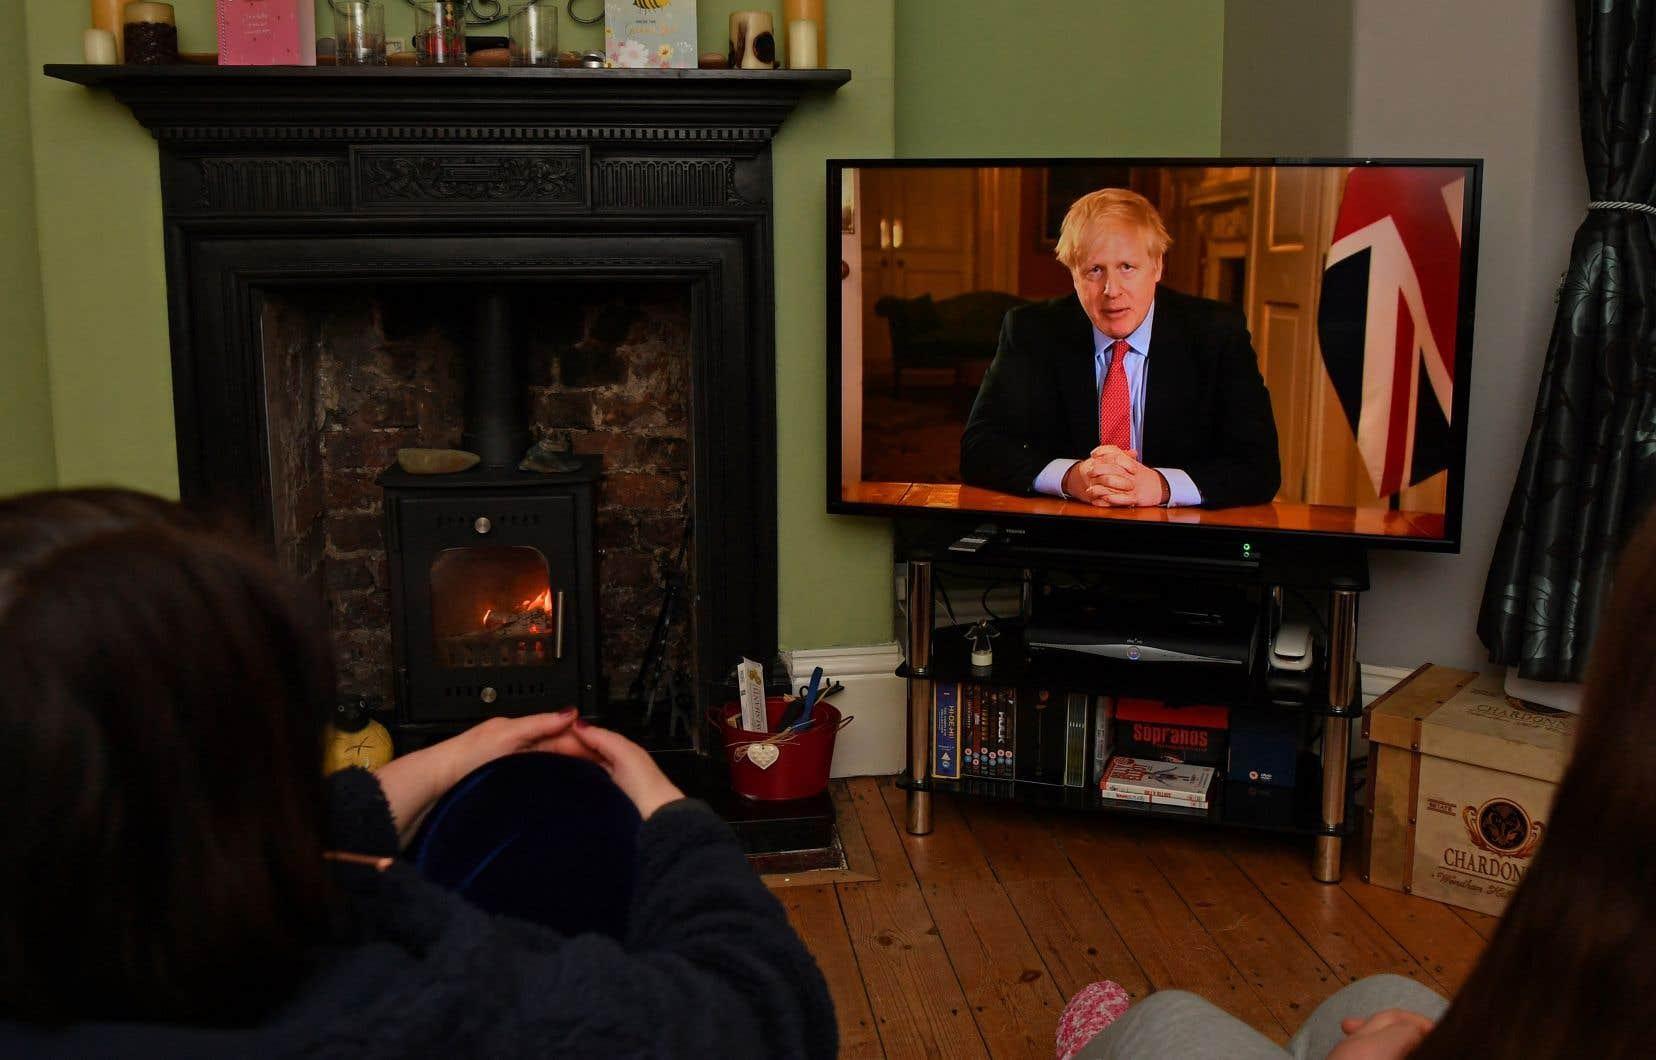 « Àpartir de ce soir, je veux donner aux Britanniques une instruction très simple: vous devez rester chez vous », a déclaré Boris Johnson, décrivant le virus comme « la menace la plus importante à laquelle ce pays a été confronté depuis des décennies ».